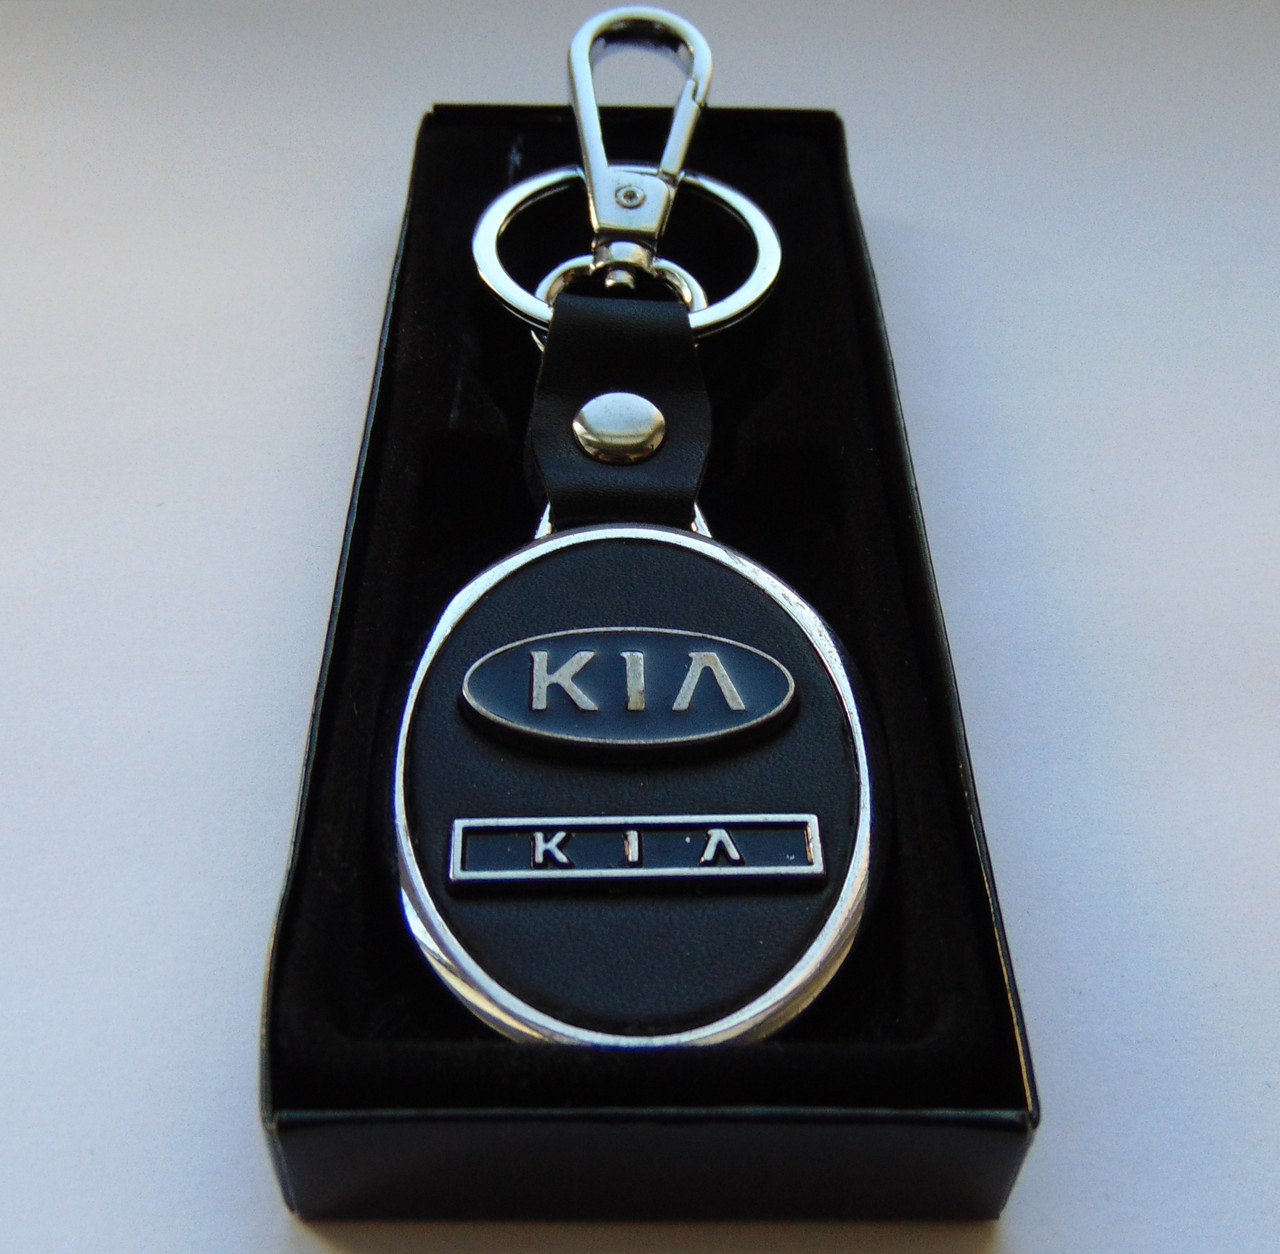 Автомобільний брелок Kia (Кіа)